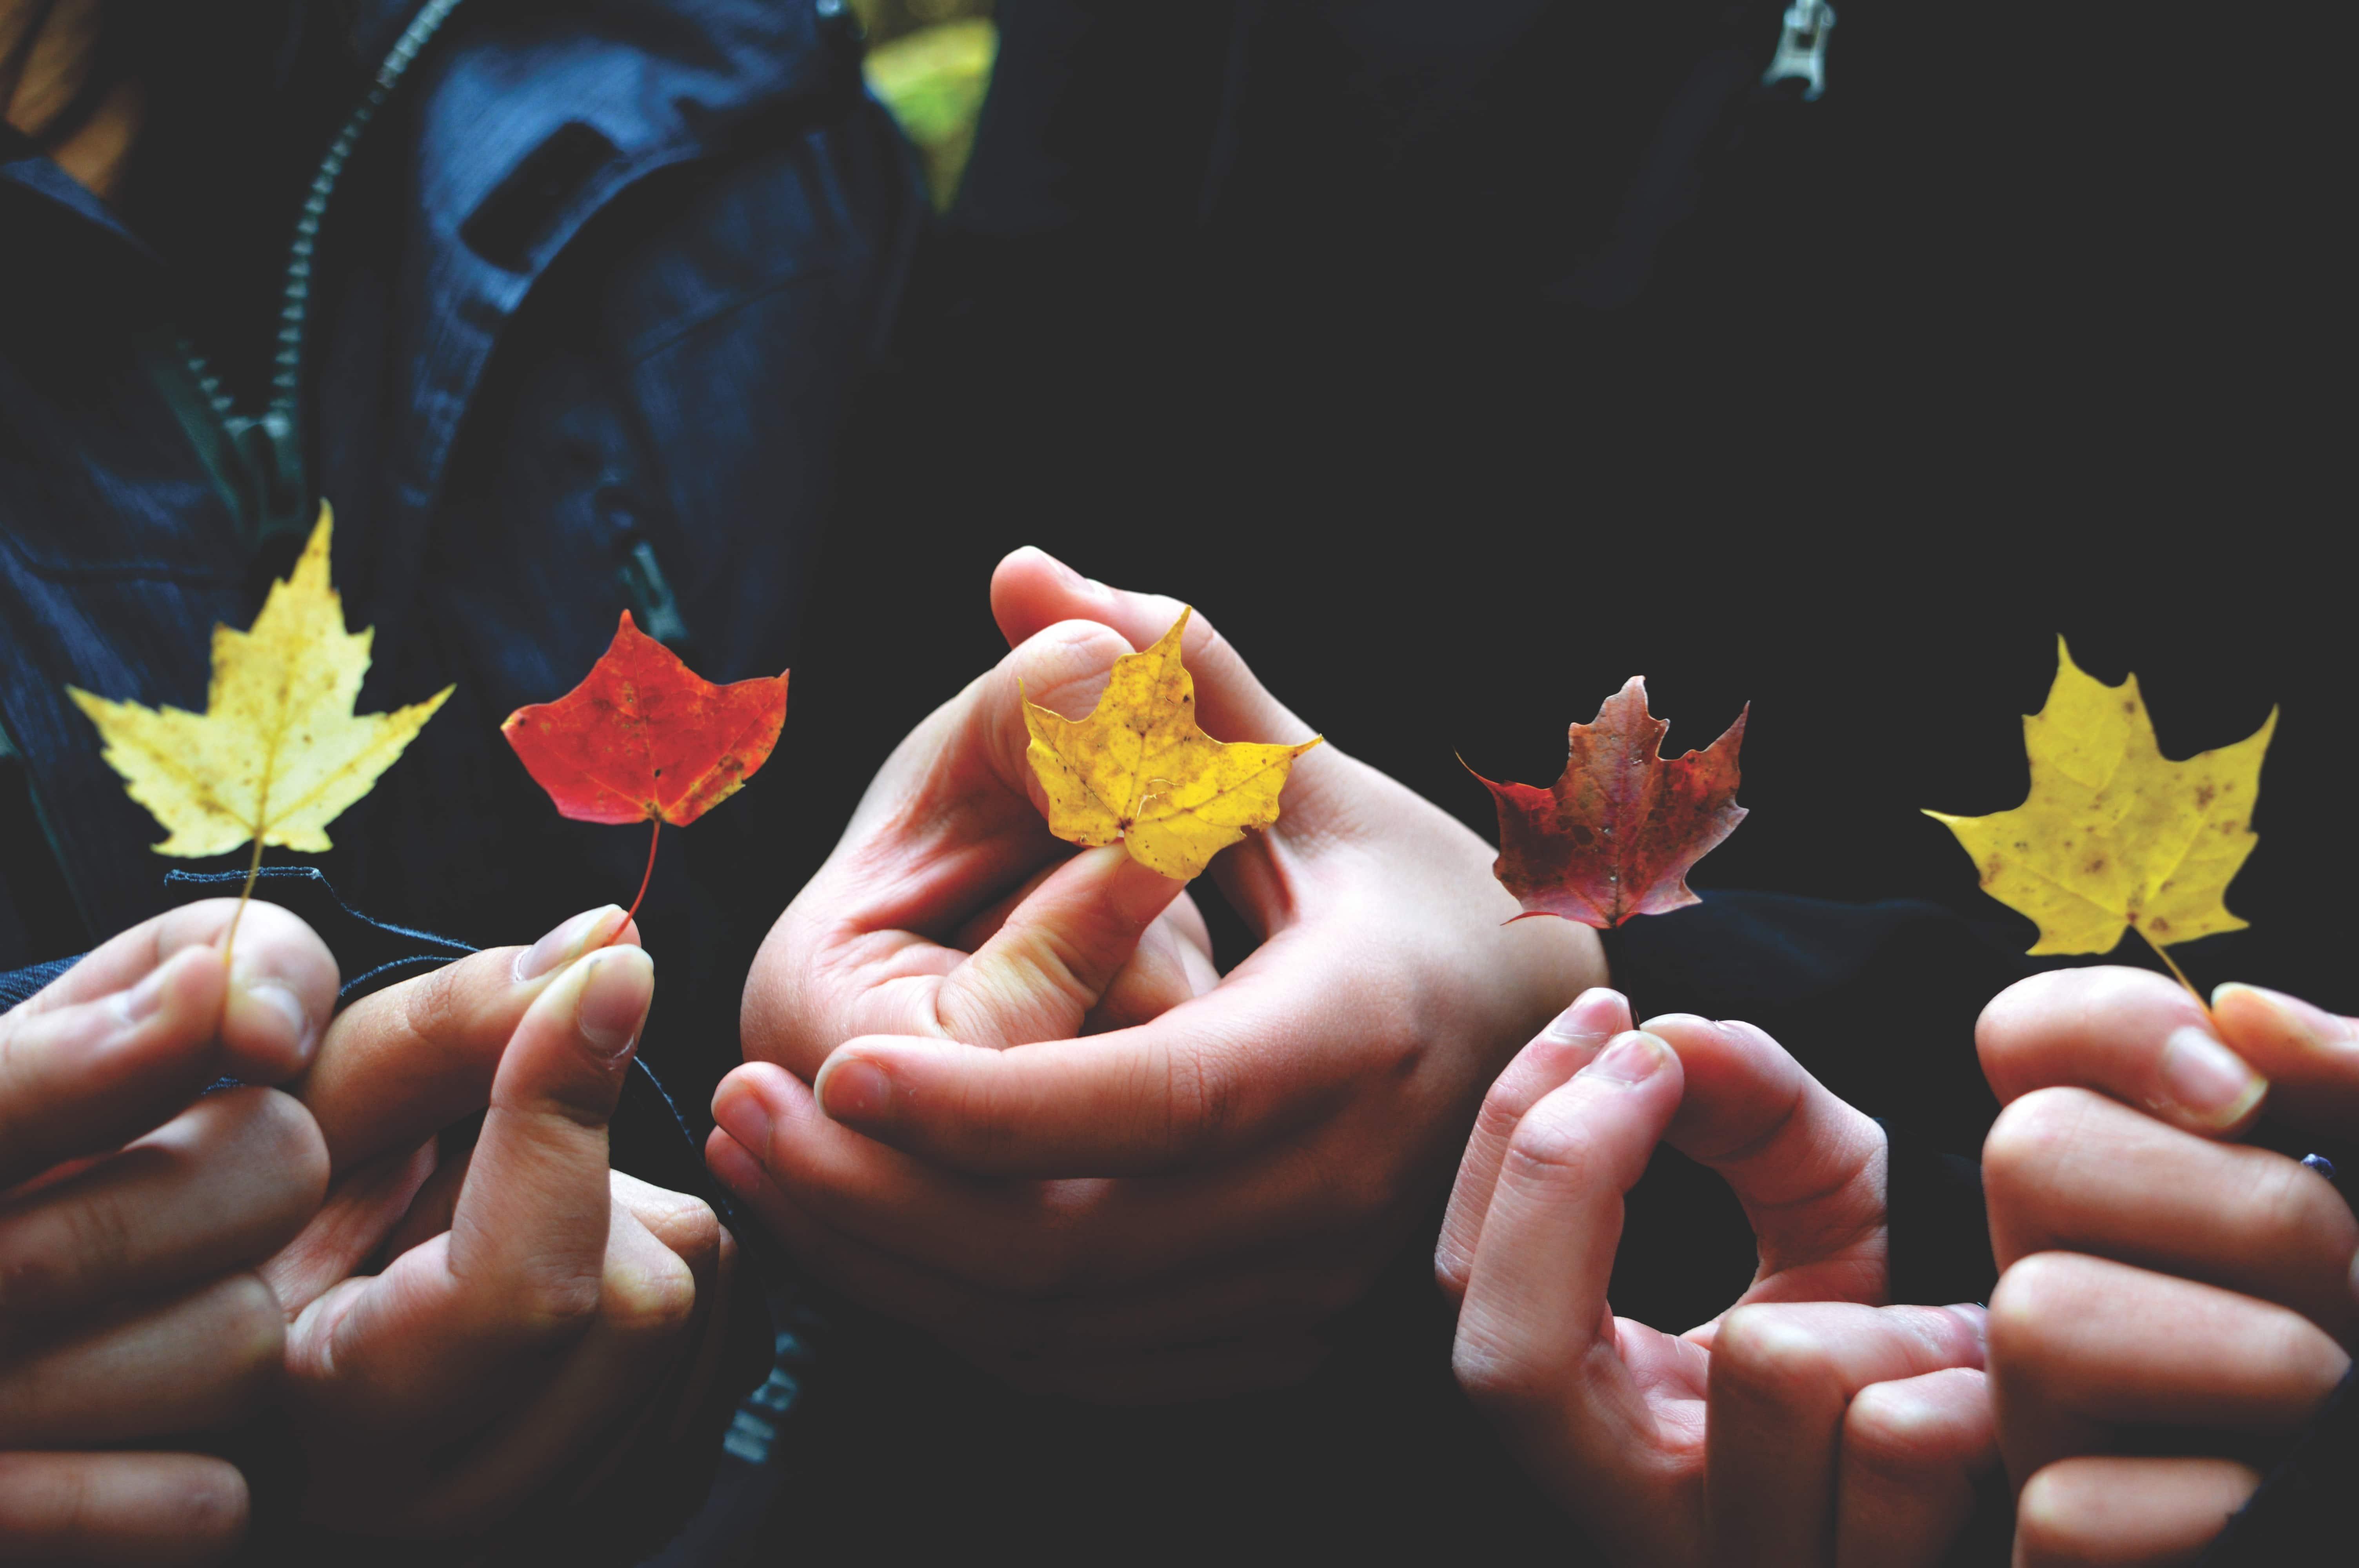 Hände halten Blätter